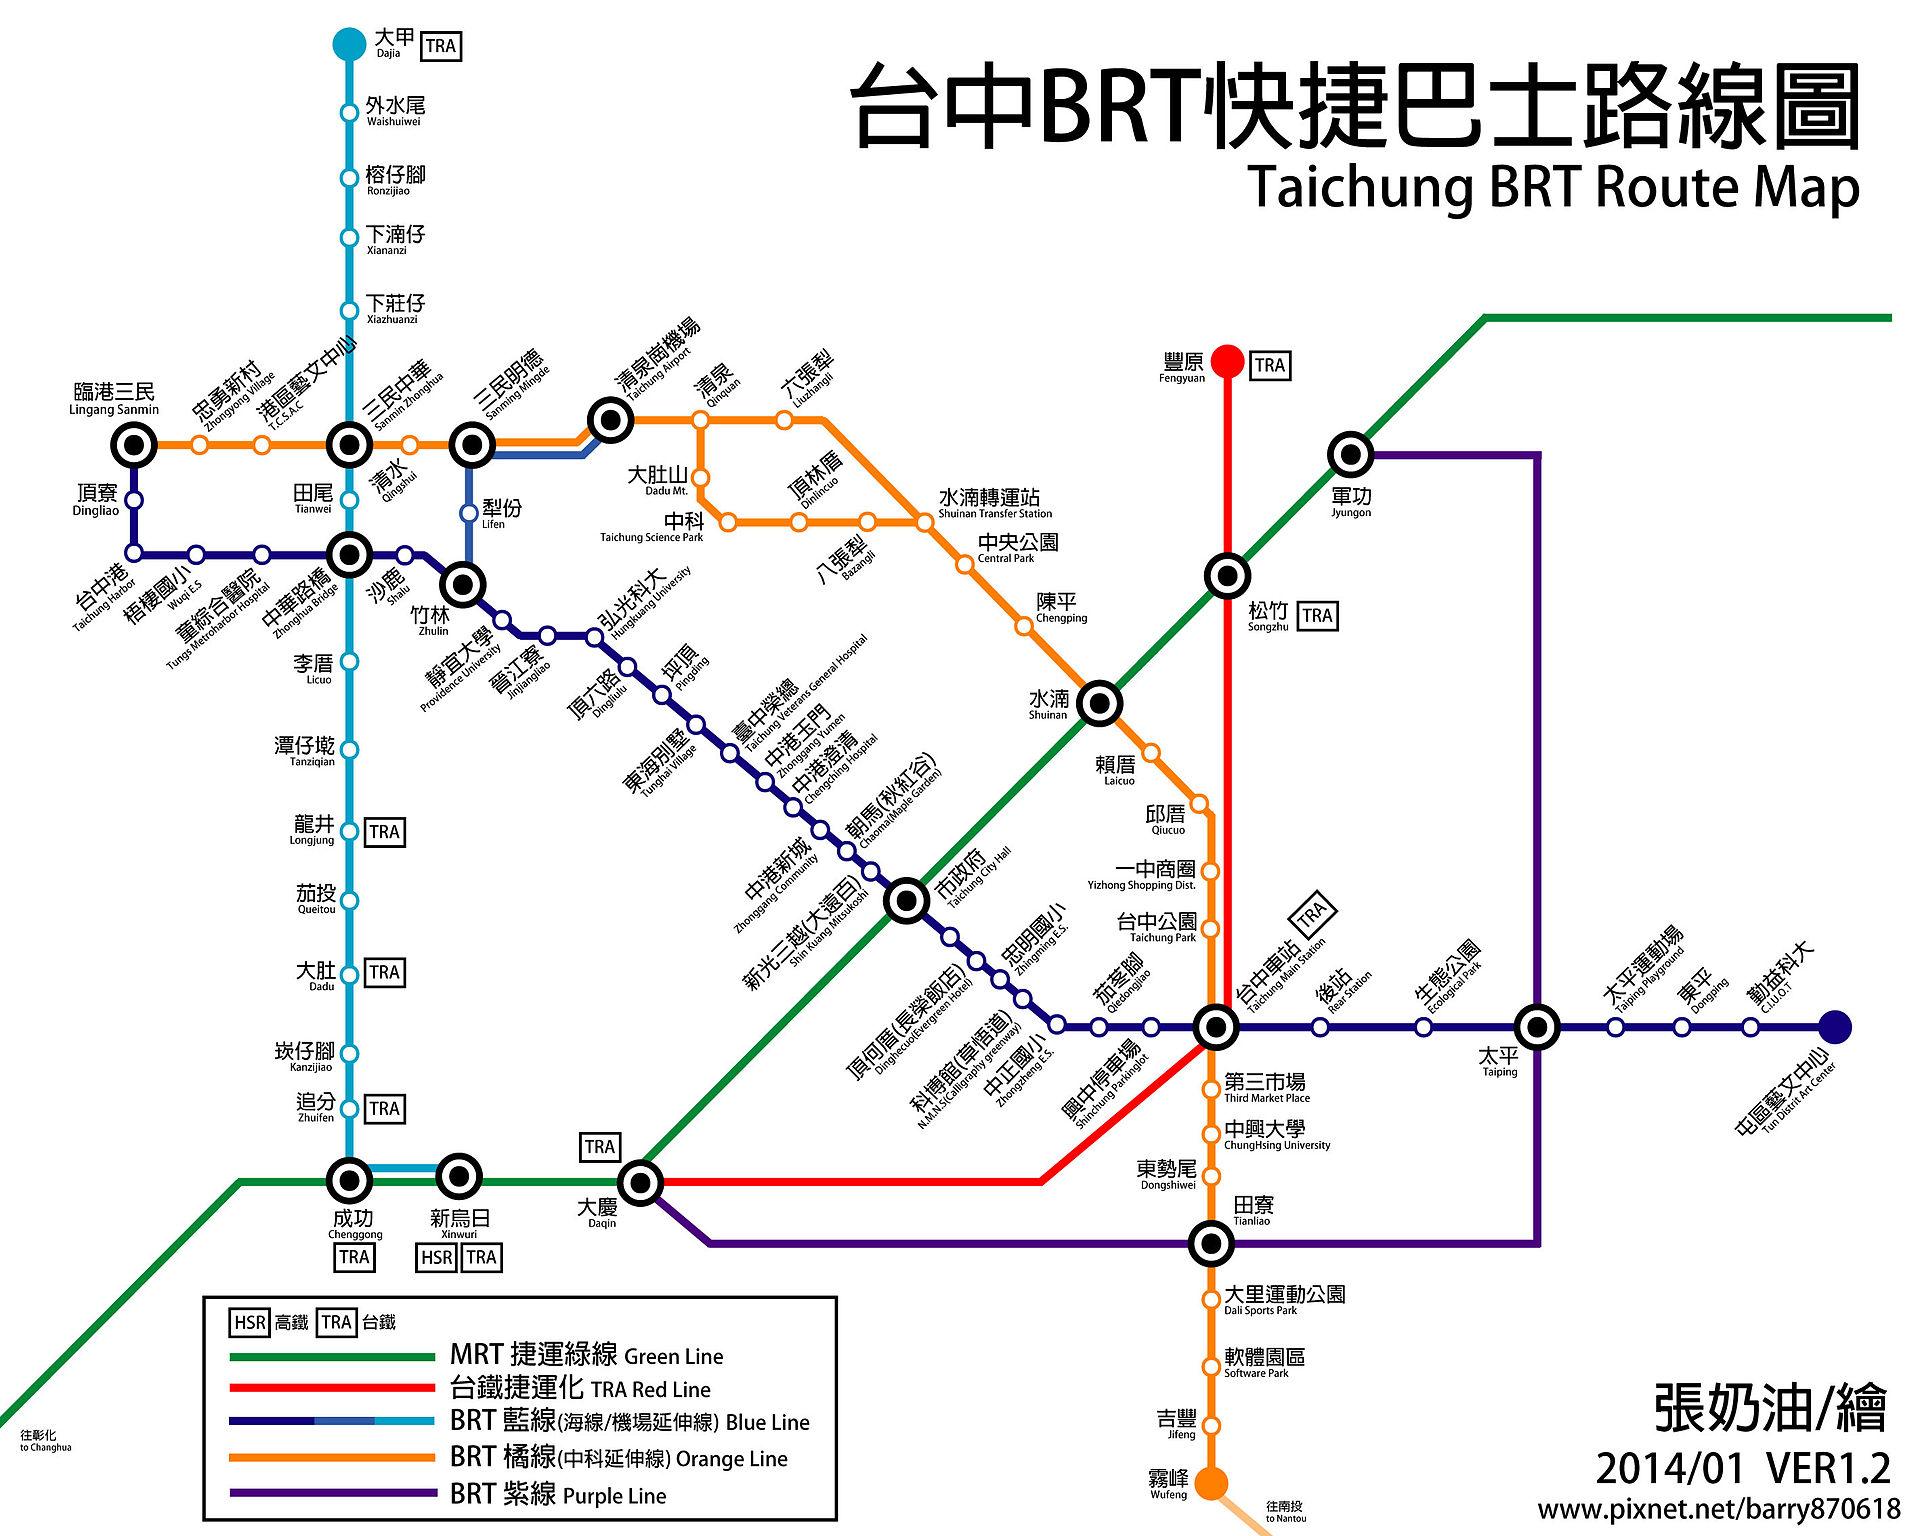 臺中市快捷巴士 - 維基百科,自由的百科全書